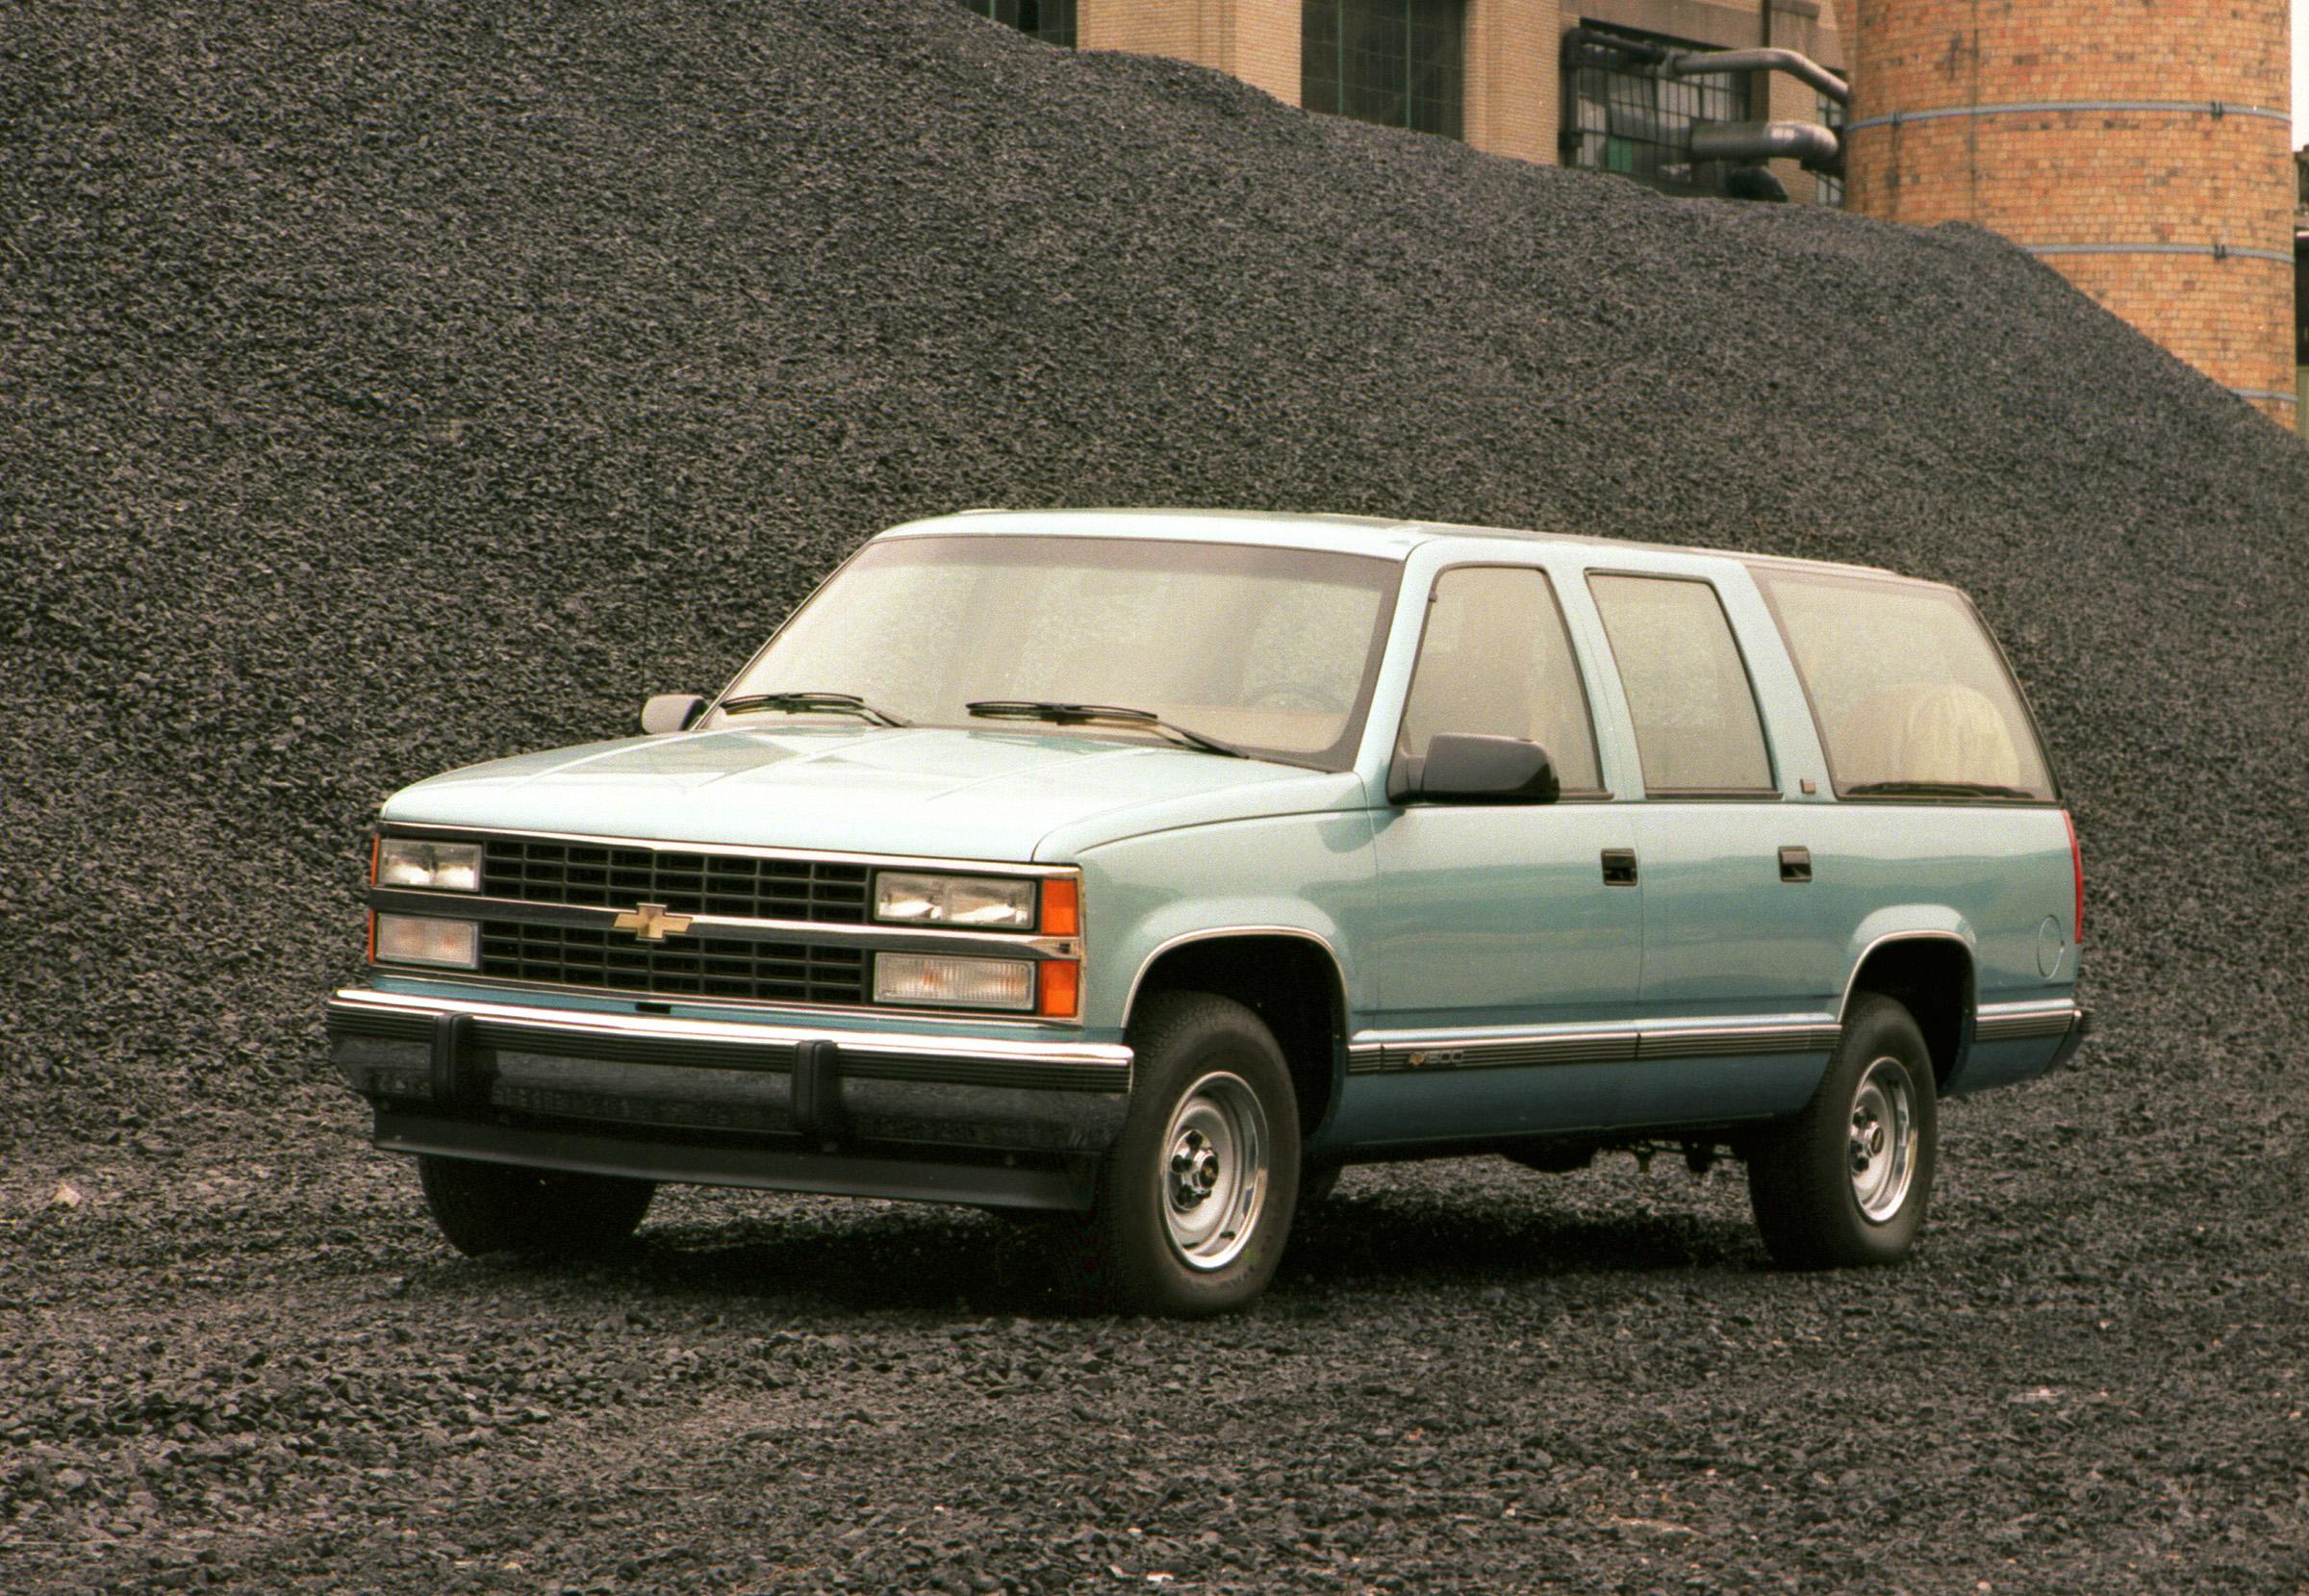 Kelebihan Kekurangan Chevrolet Suburban Perbandingan Harga